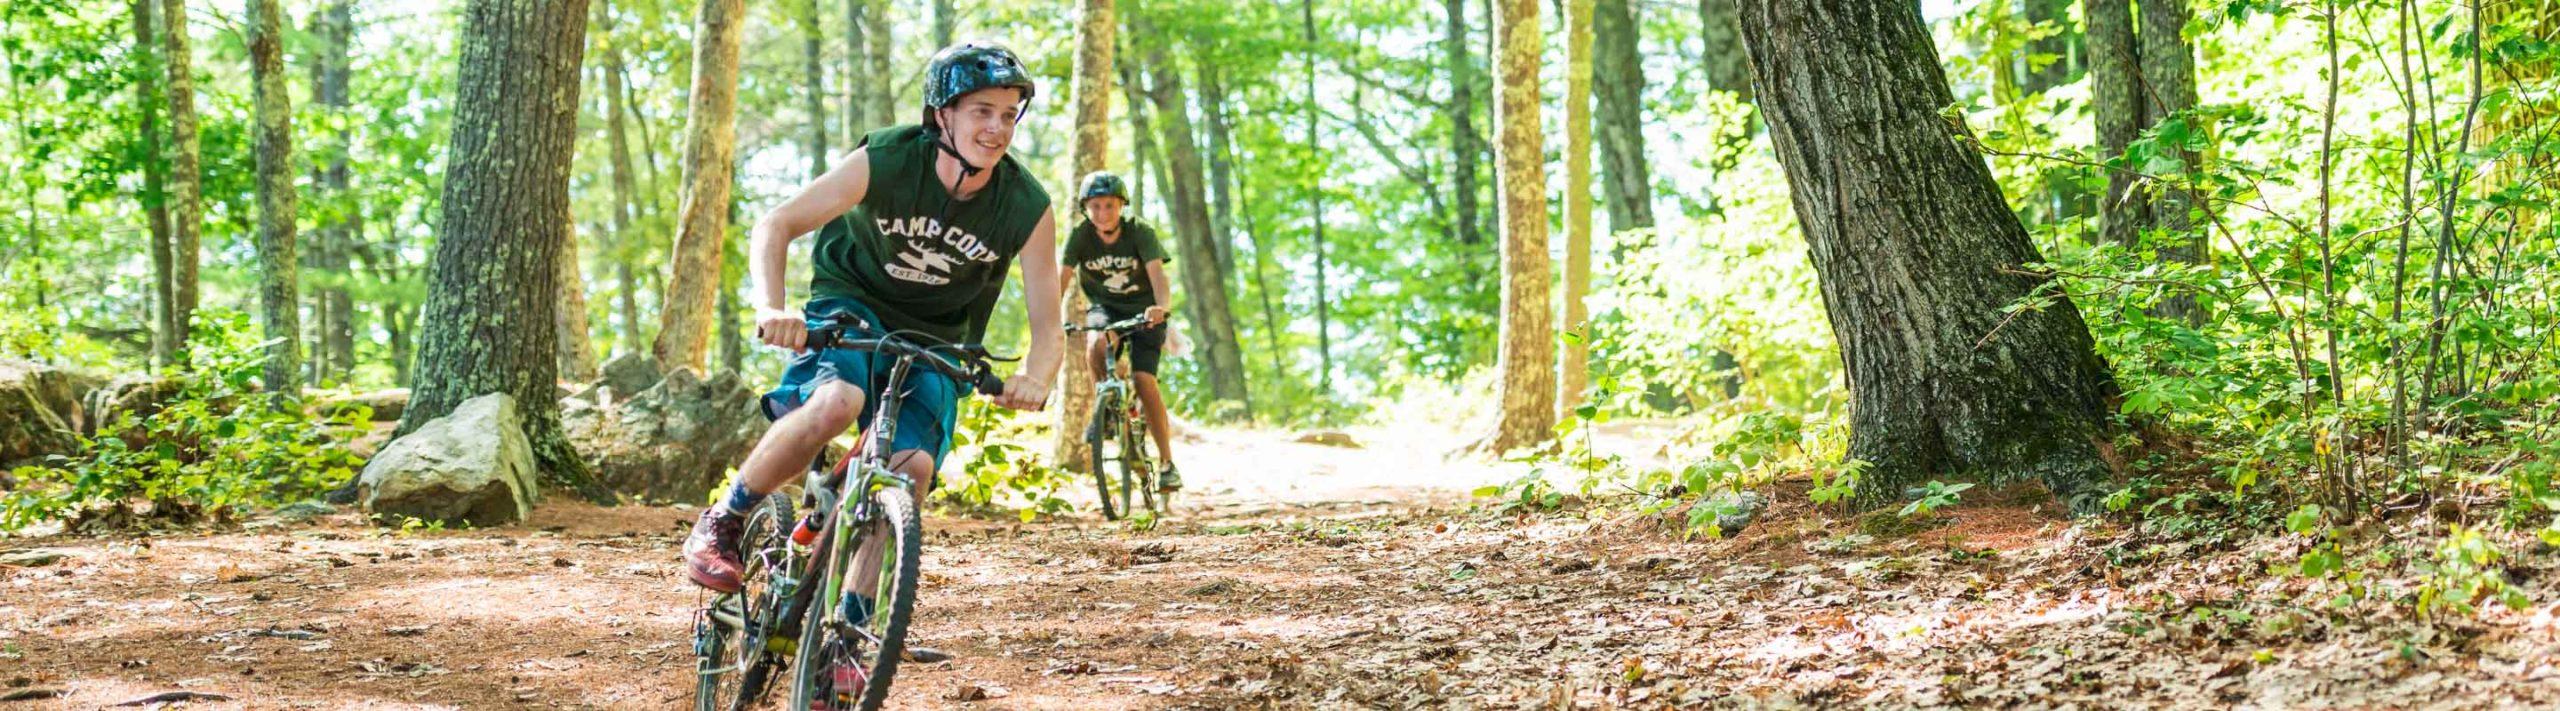 boys riding bikes through the woods